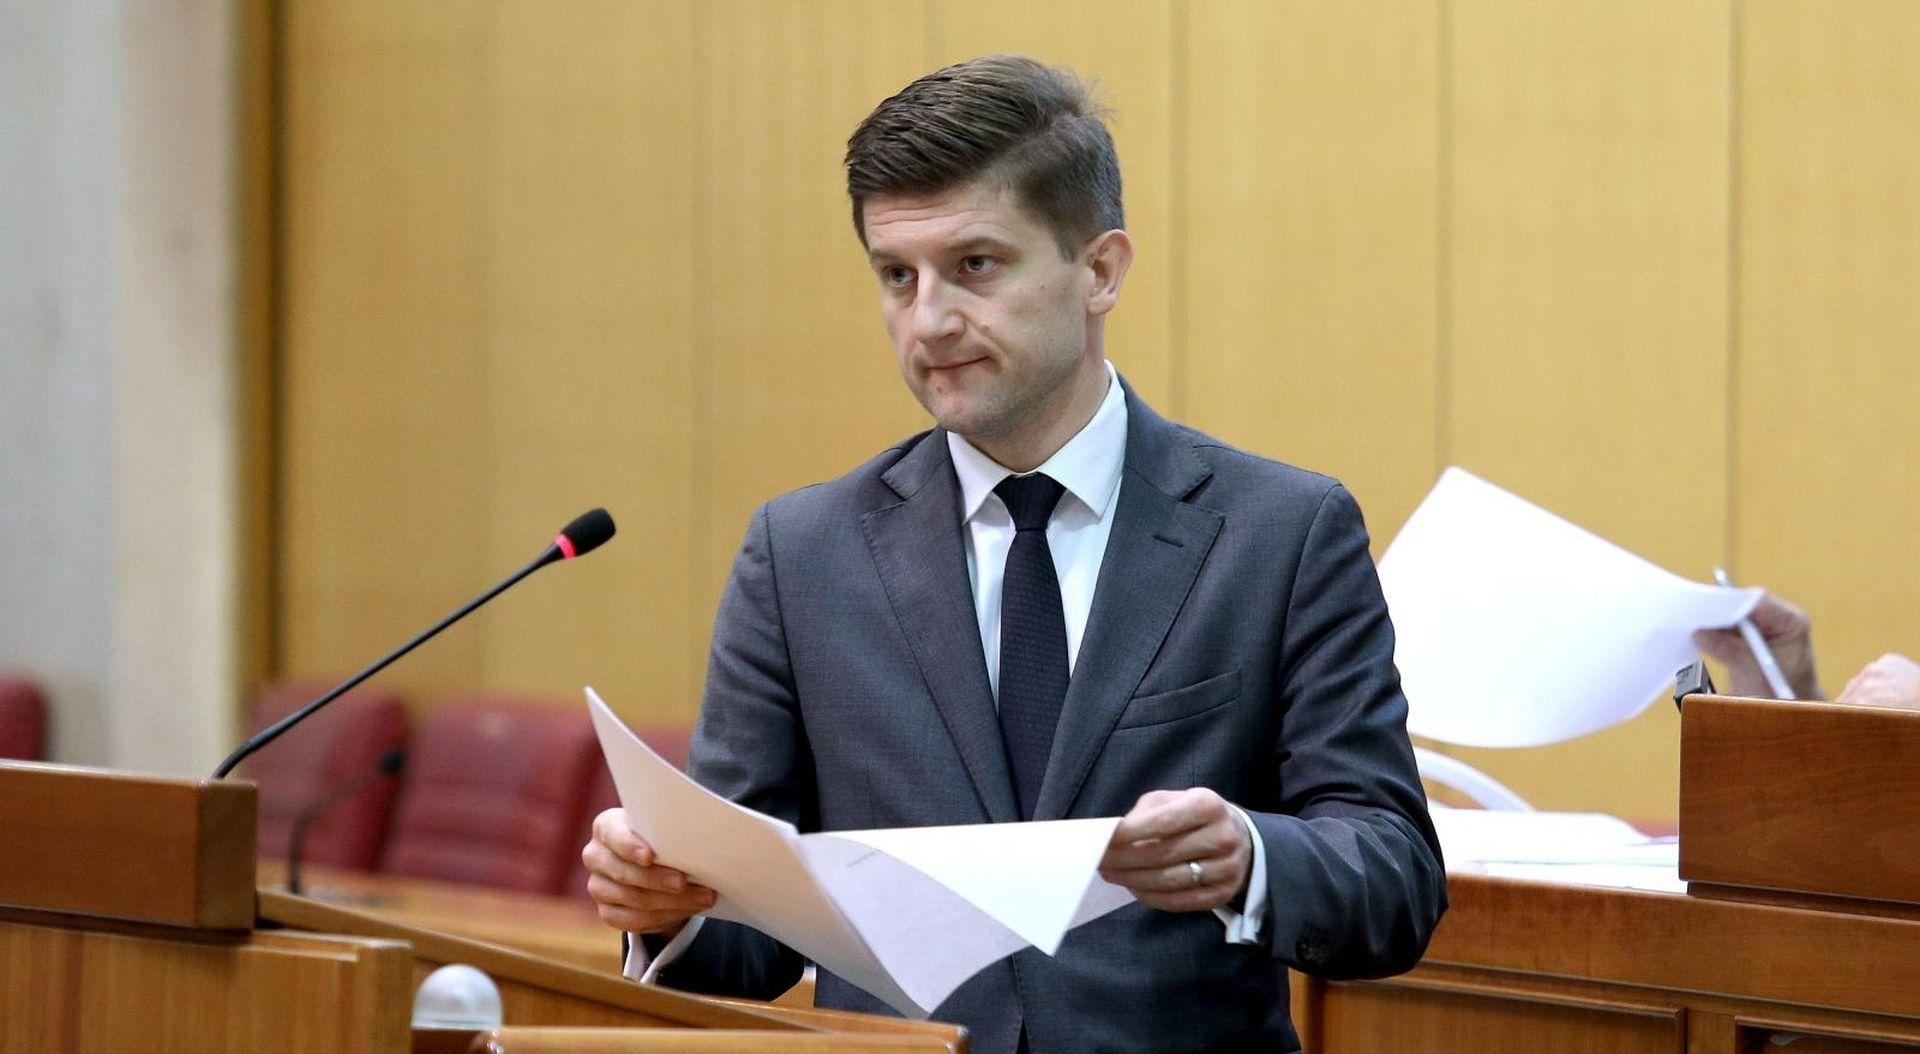 Sestra ministra Zdravka Marića nova direktorica u HANFA-i